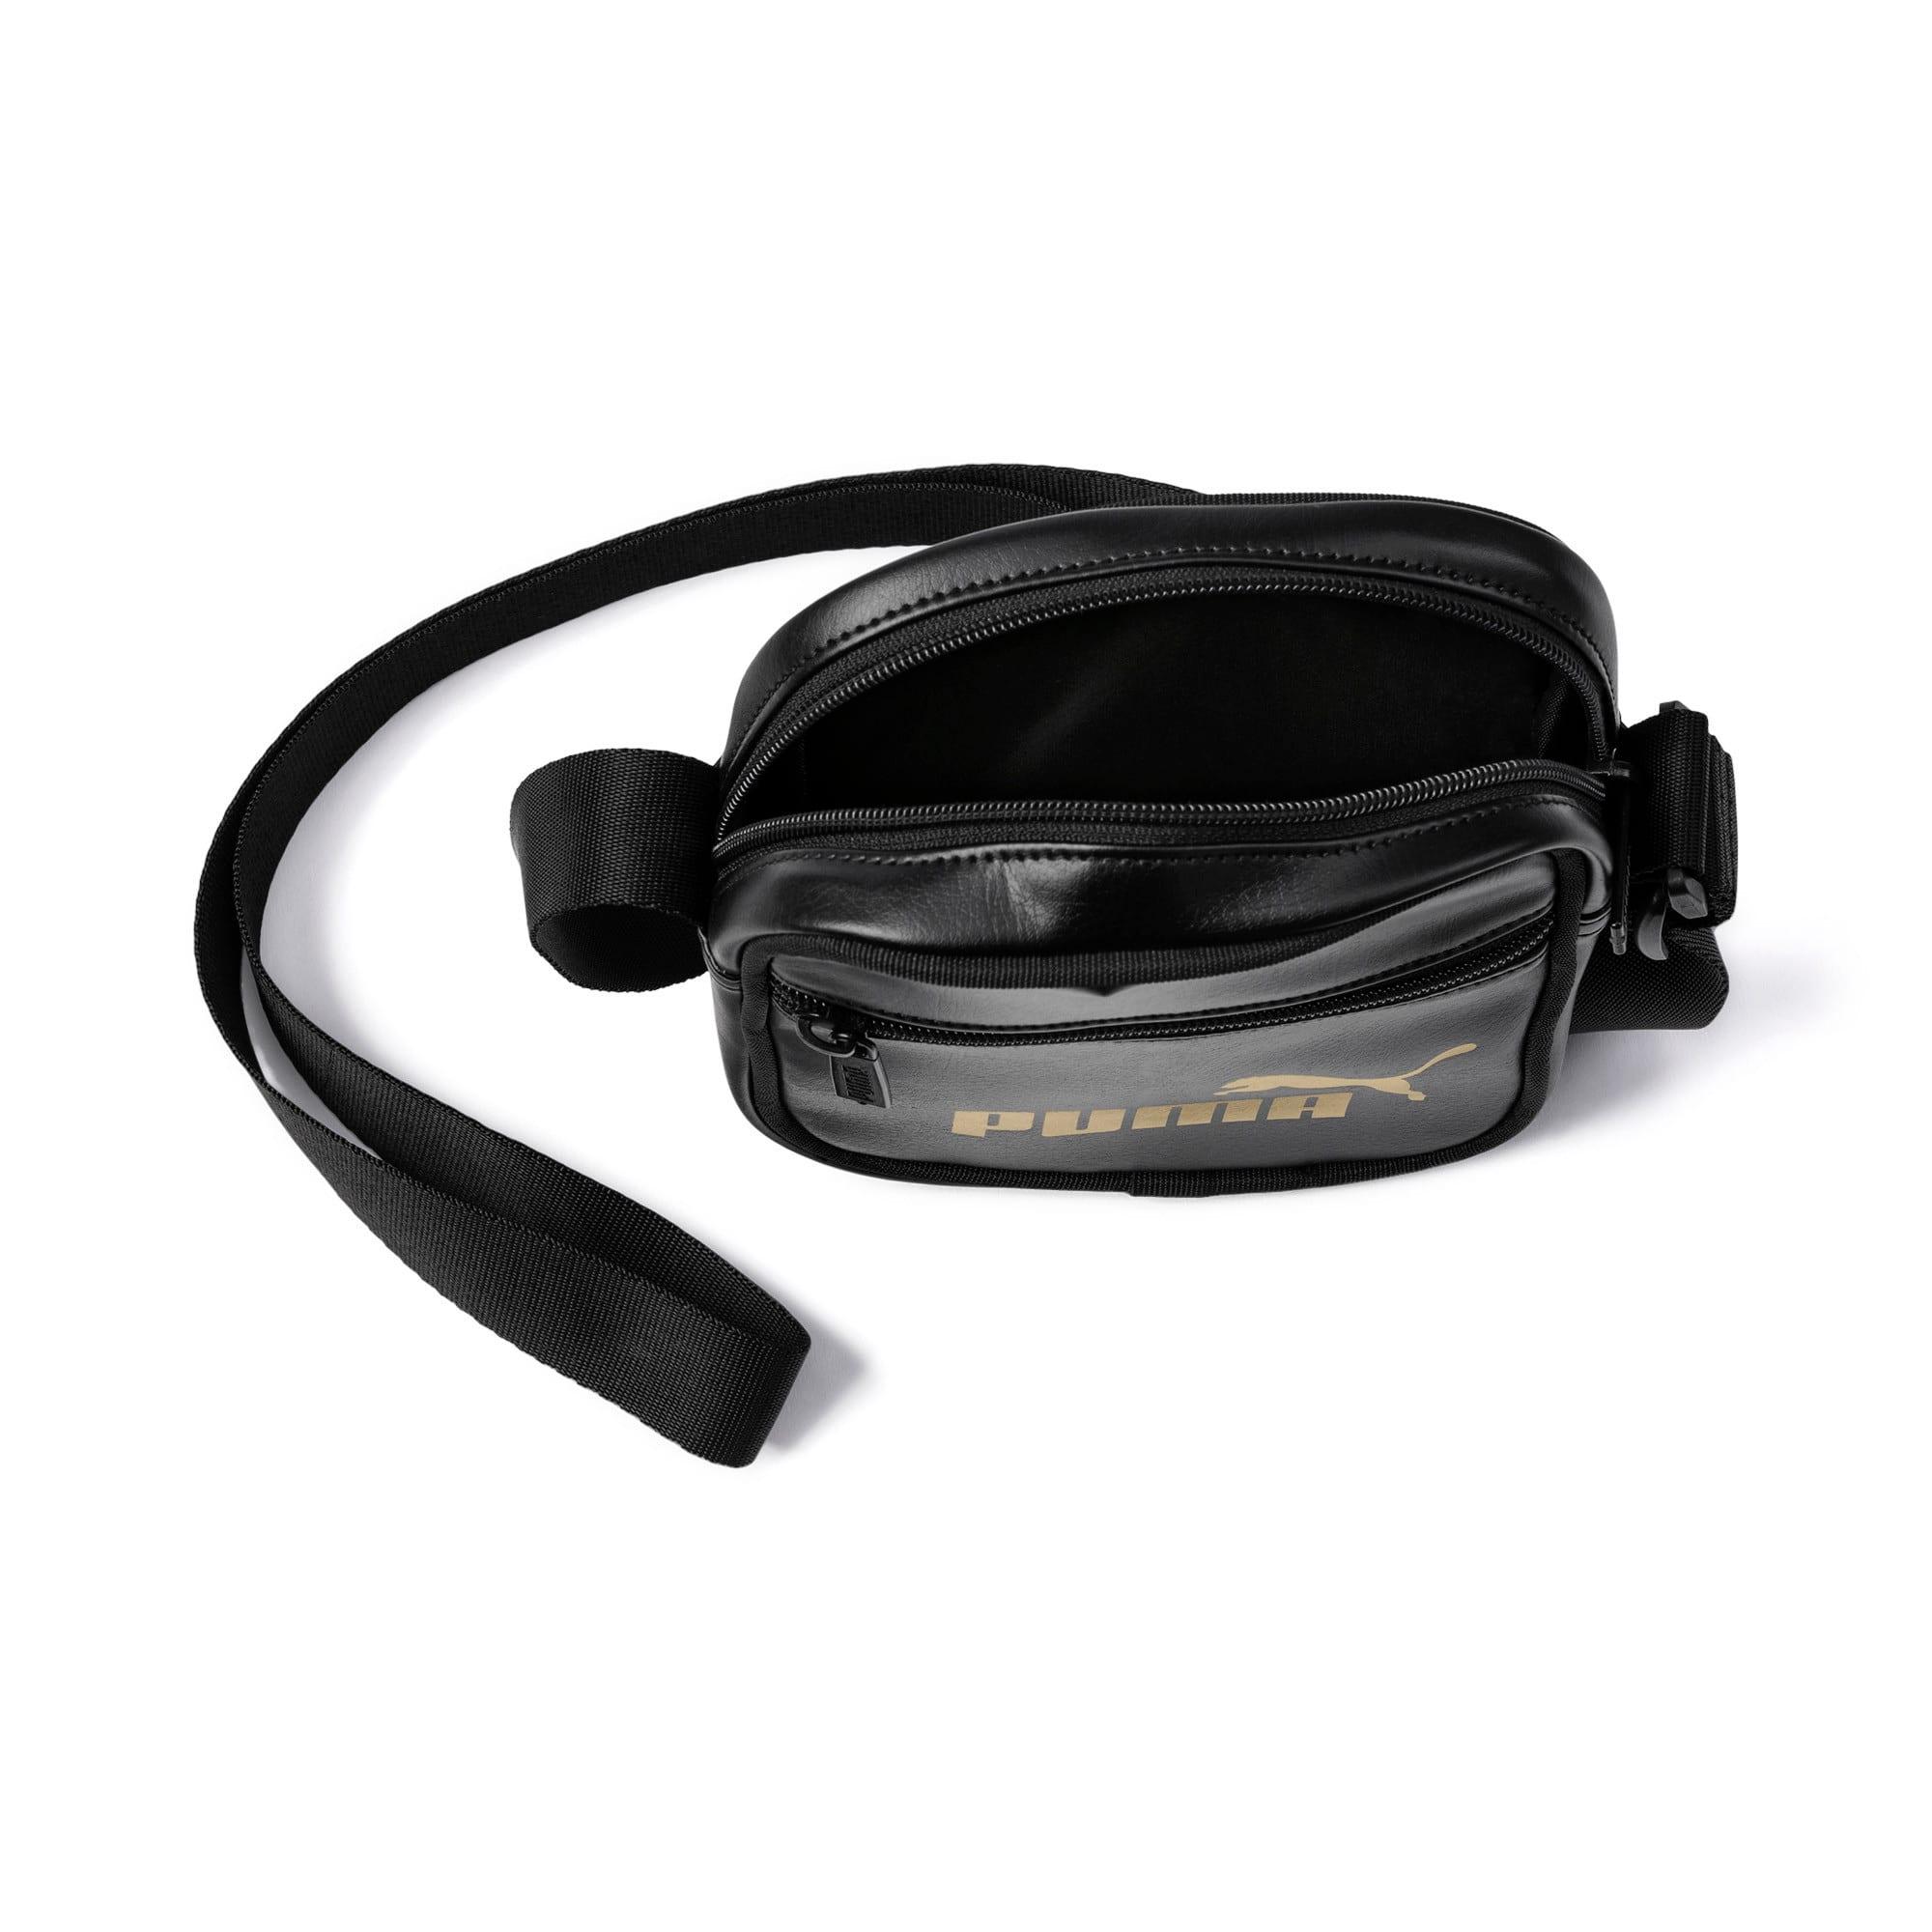 Anteprima 4 di Up Women's Portable Shoulder Bag, Puma Black-gold, medio